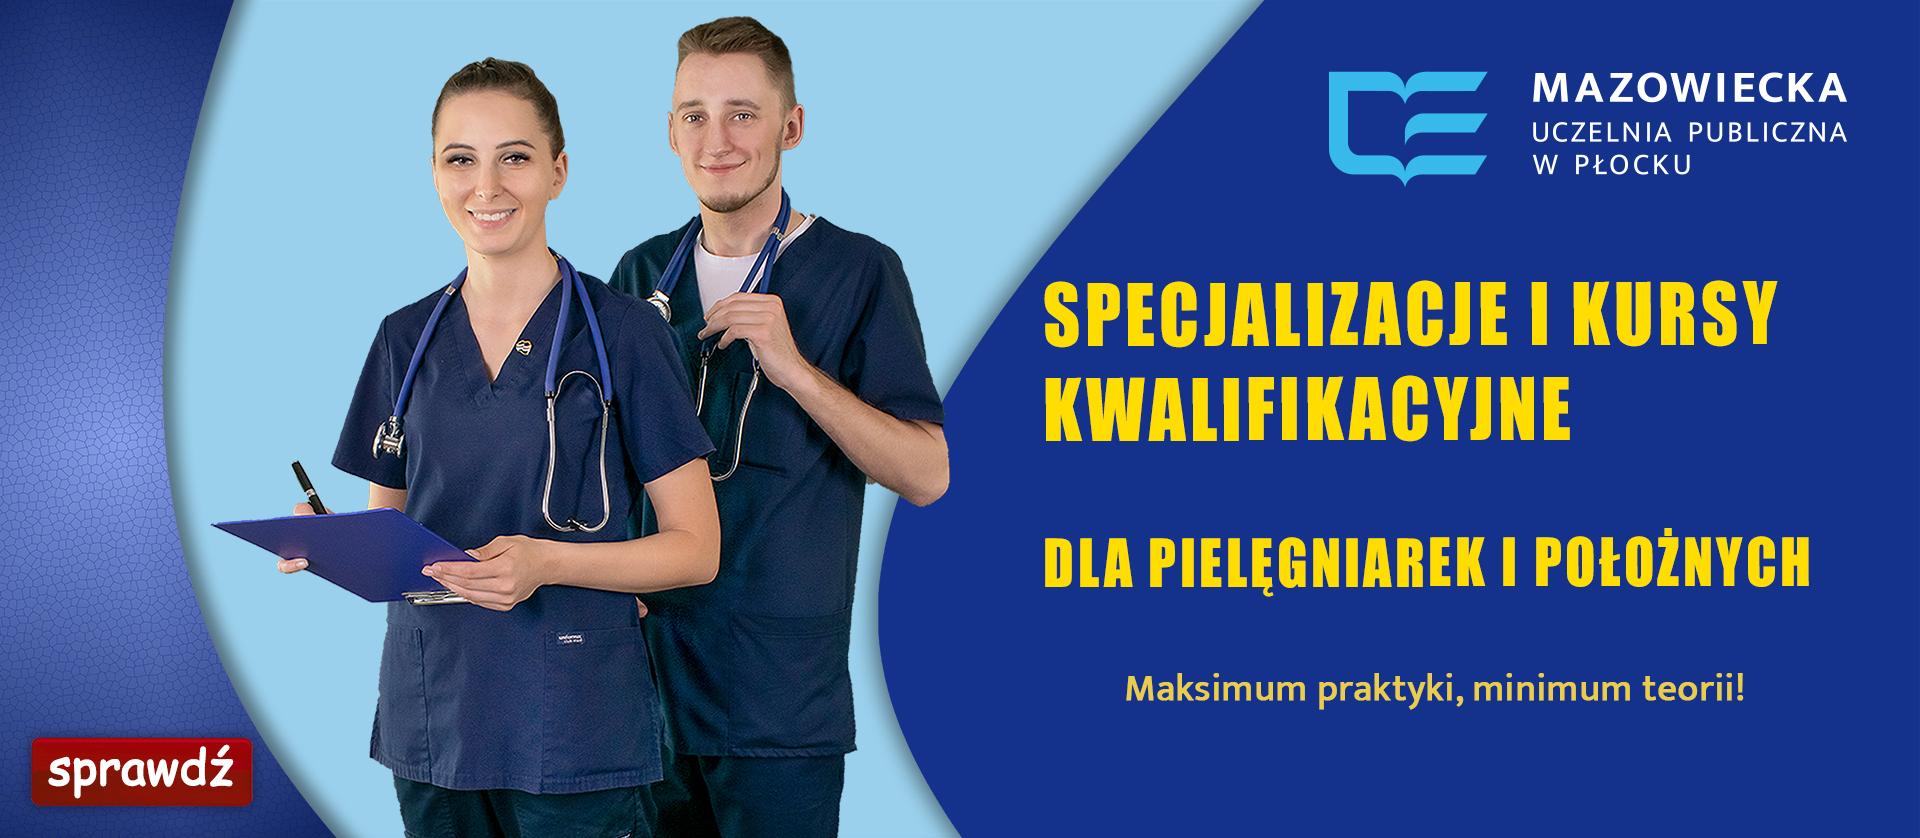 promocja kursów dla pielęgniarek i położnych